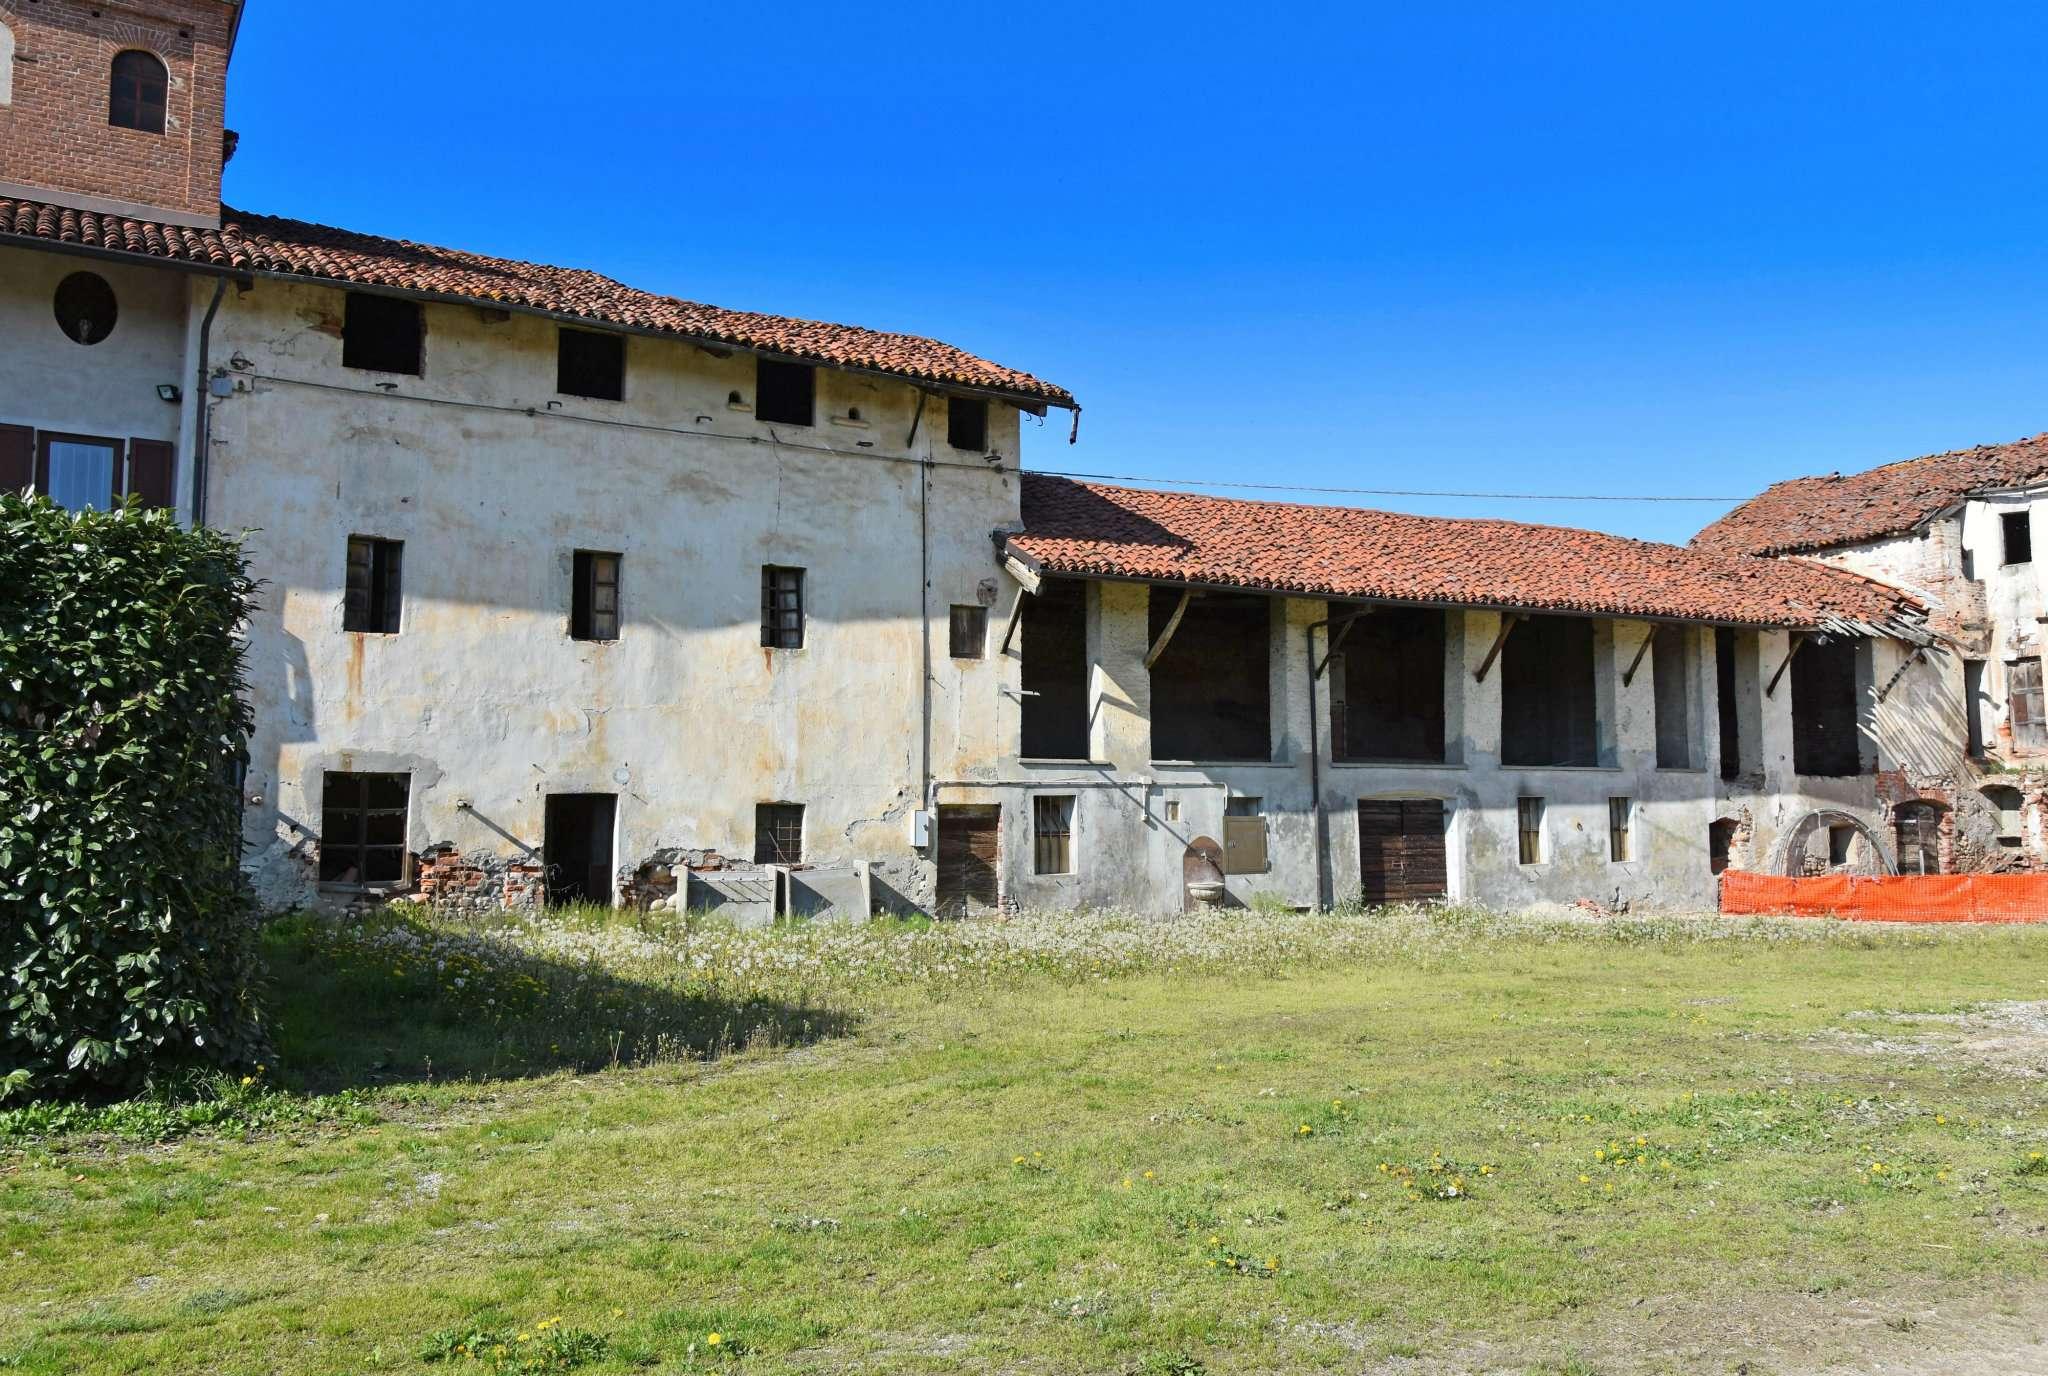 Rustico / Casale in vendita a Villafalletto, 9999 locali, prezzo € 25.000 | Cambio Casa.it